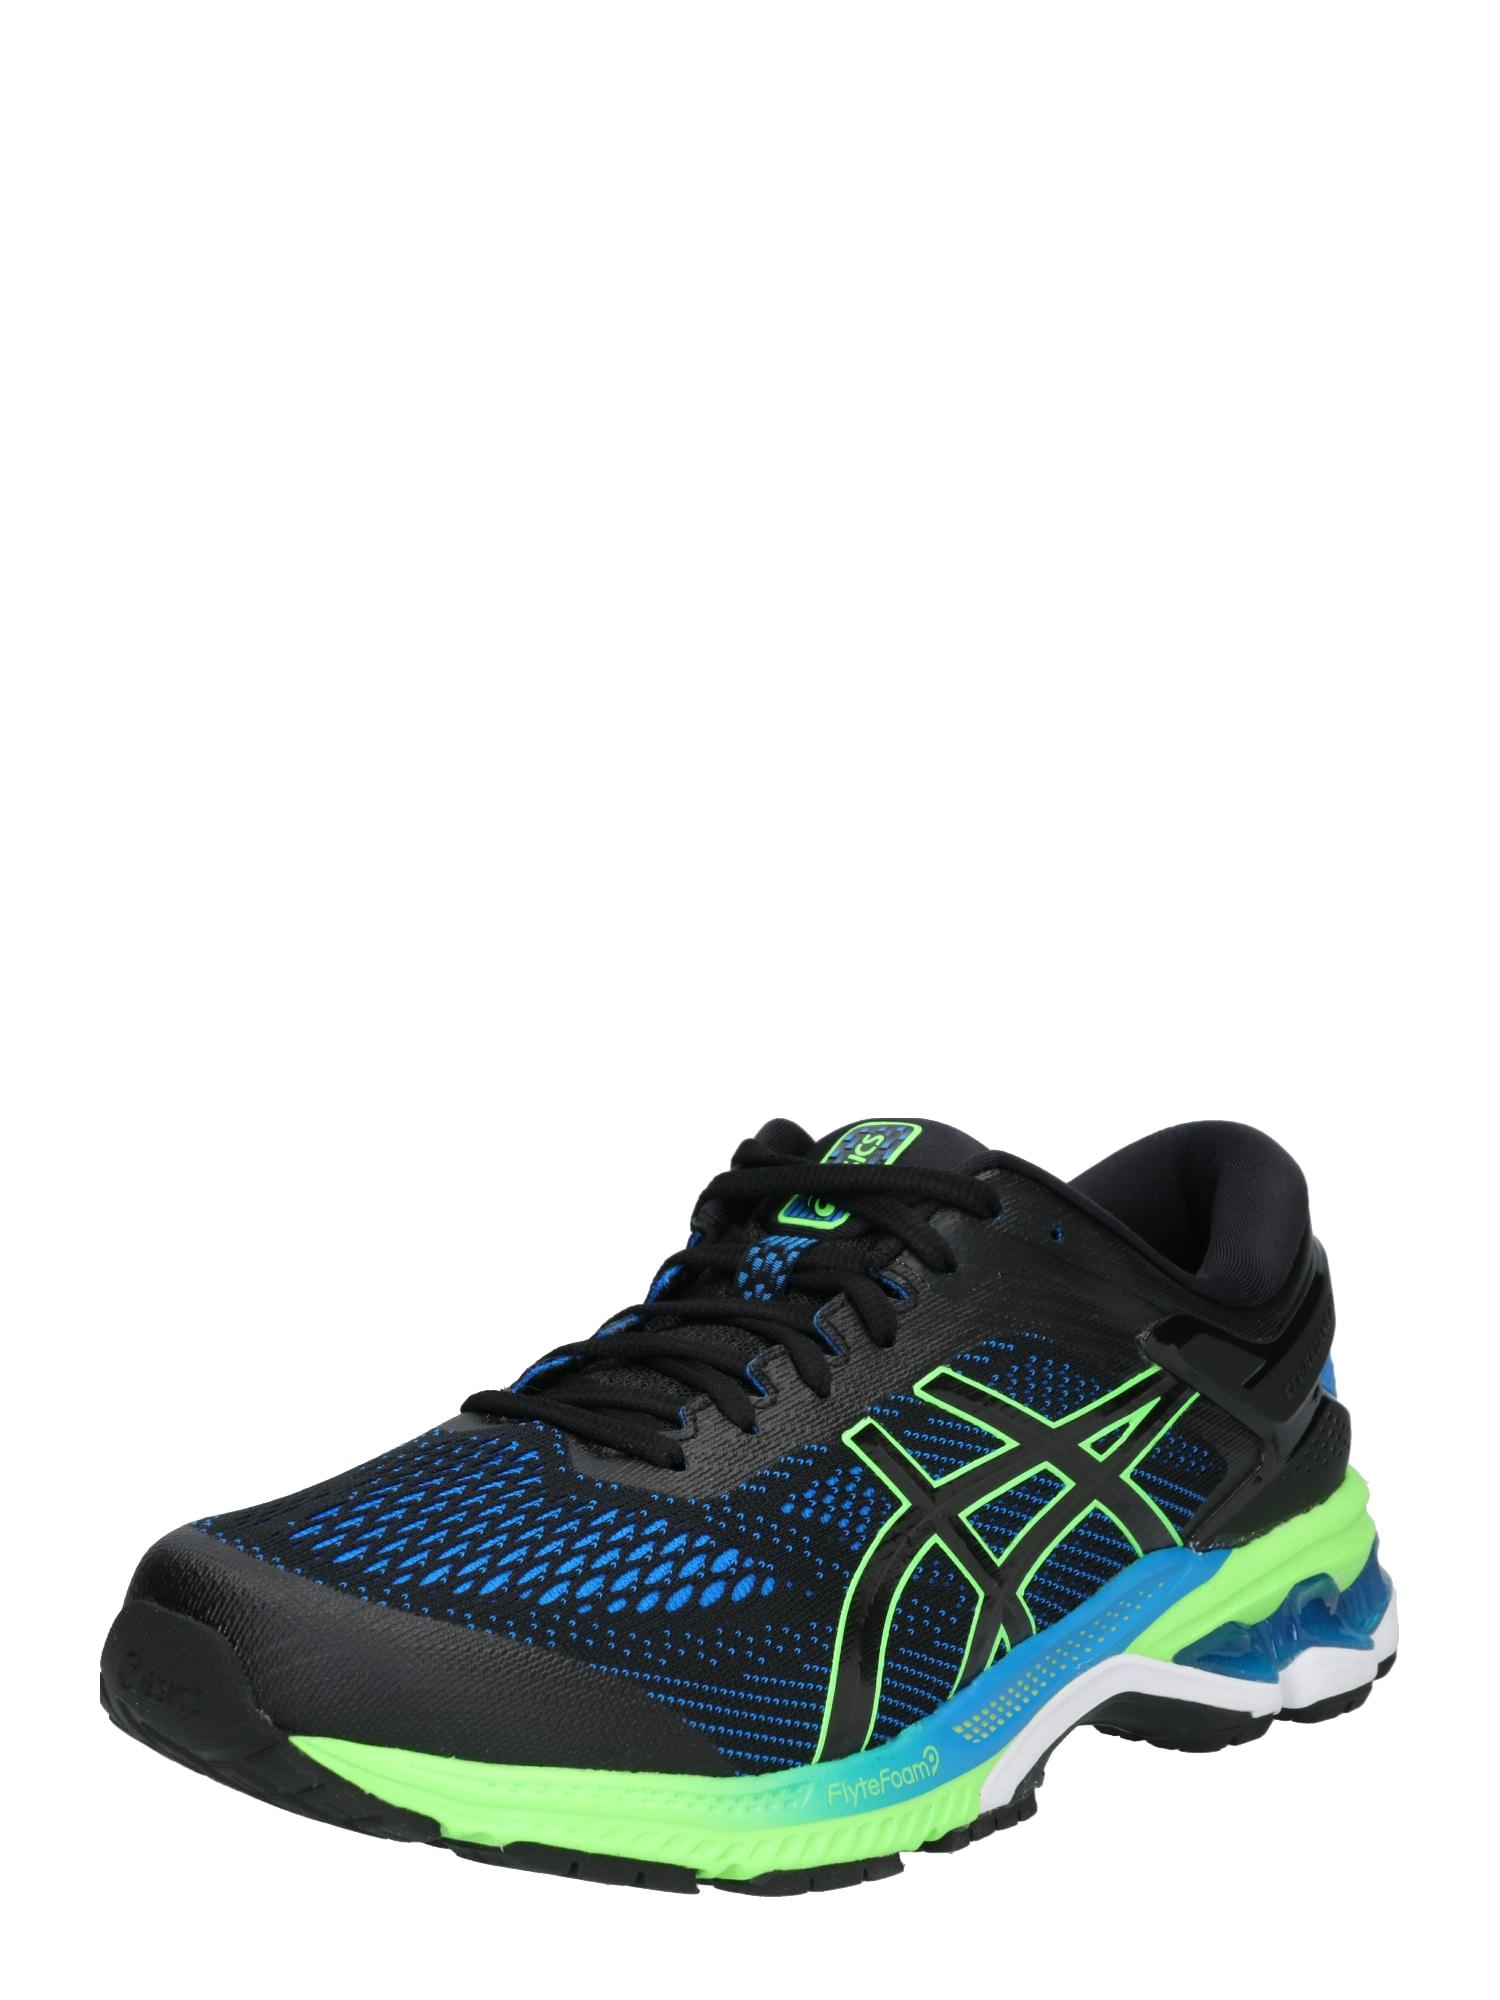 Běžecká obuv GEL-KAYANO 26 tmavě modrá svítivě zelená černá ASICS